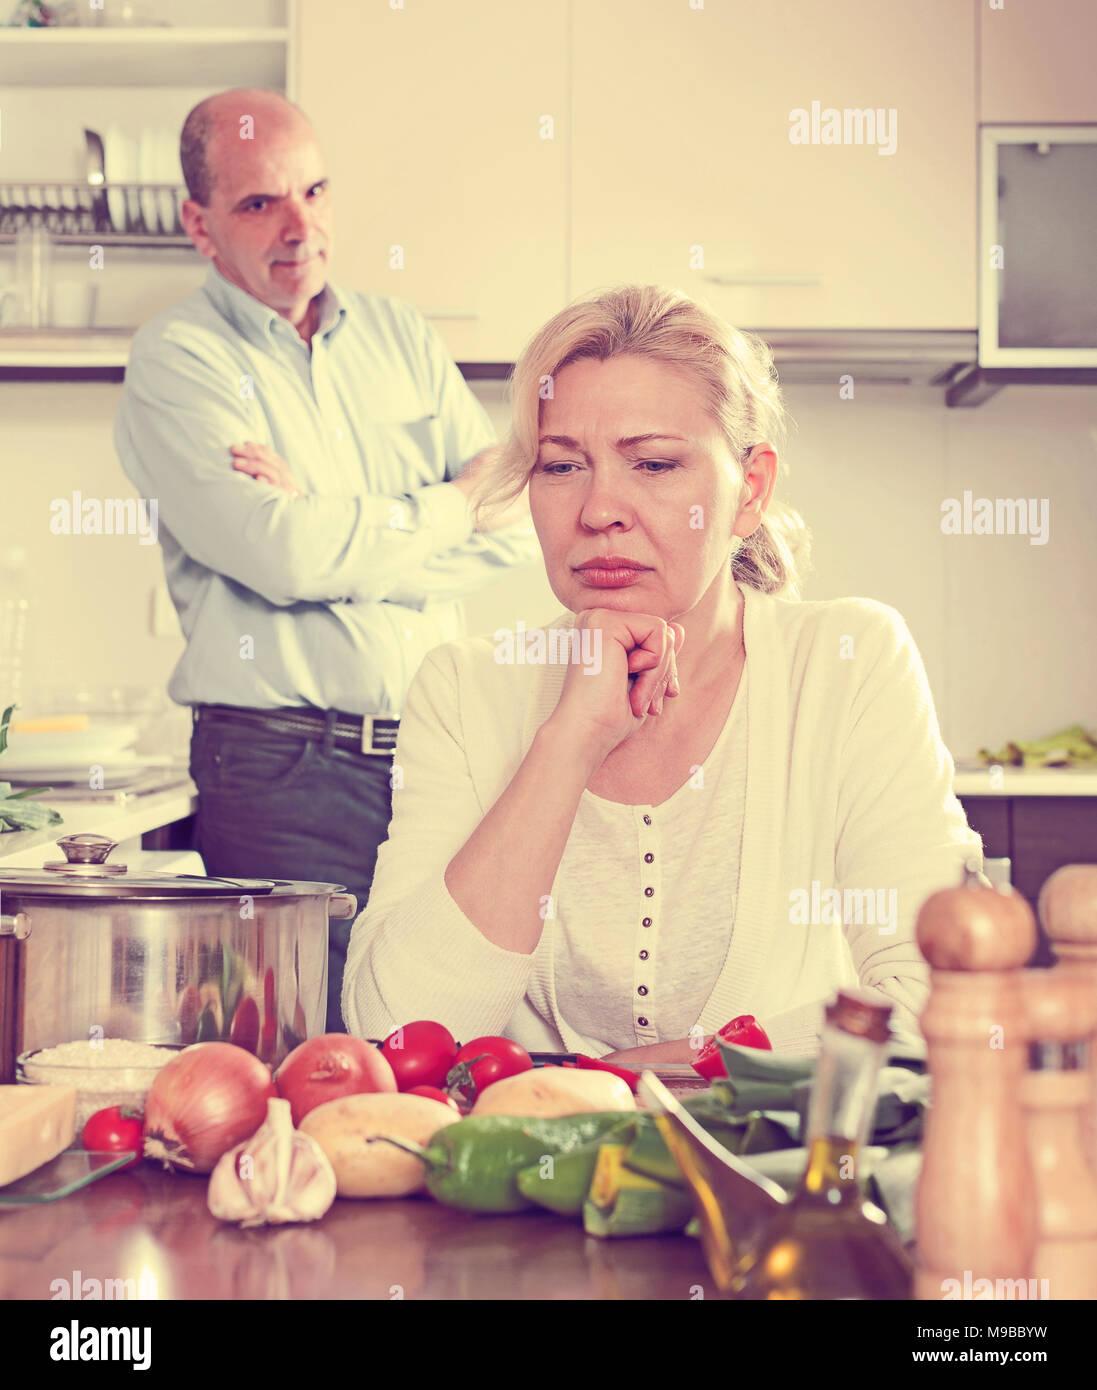 Angry Guy Sad Woman During Stock Photos  Angry Guy Sad Woman During Stock Images - Alamy-1123